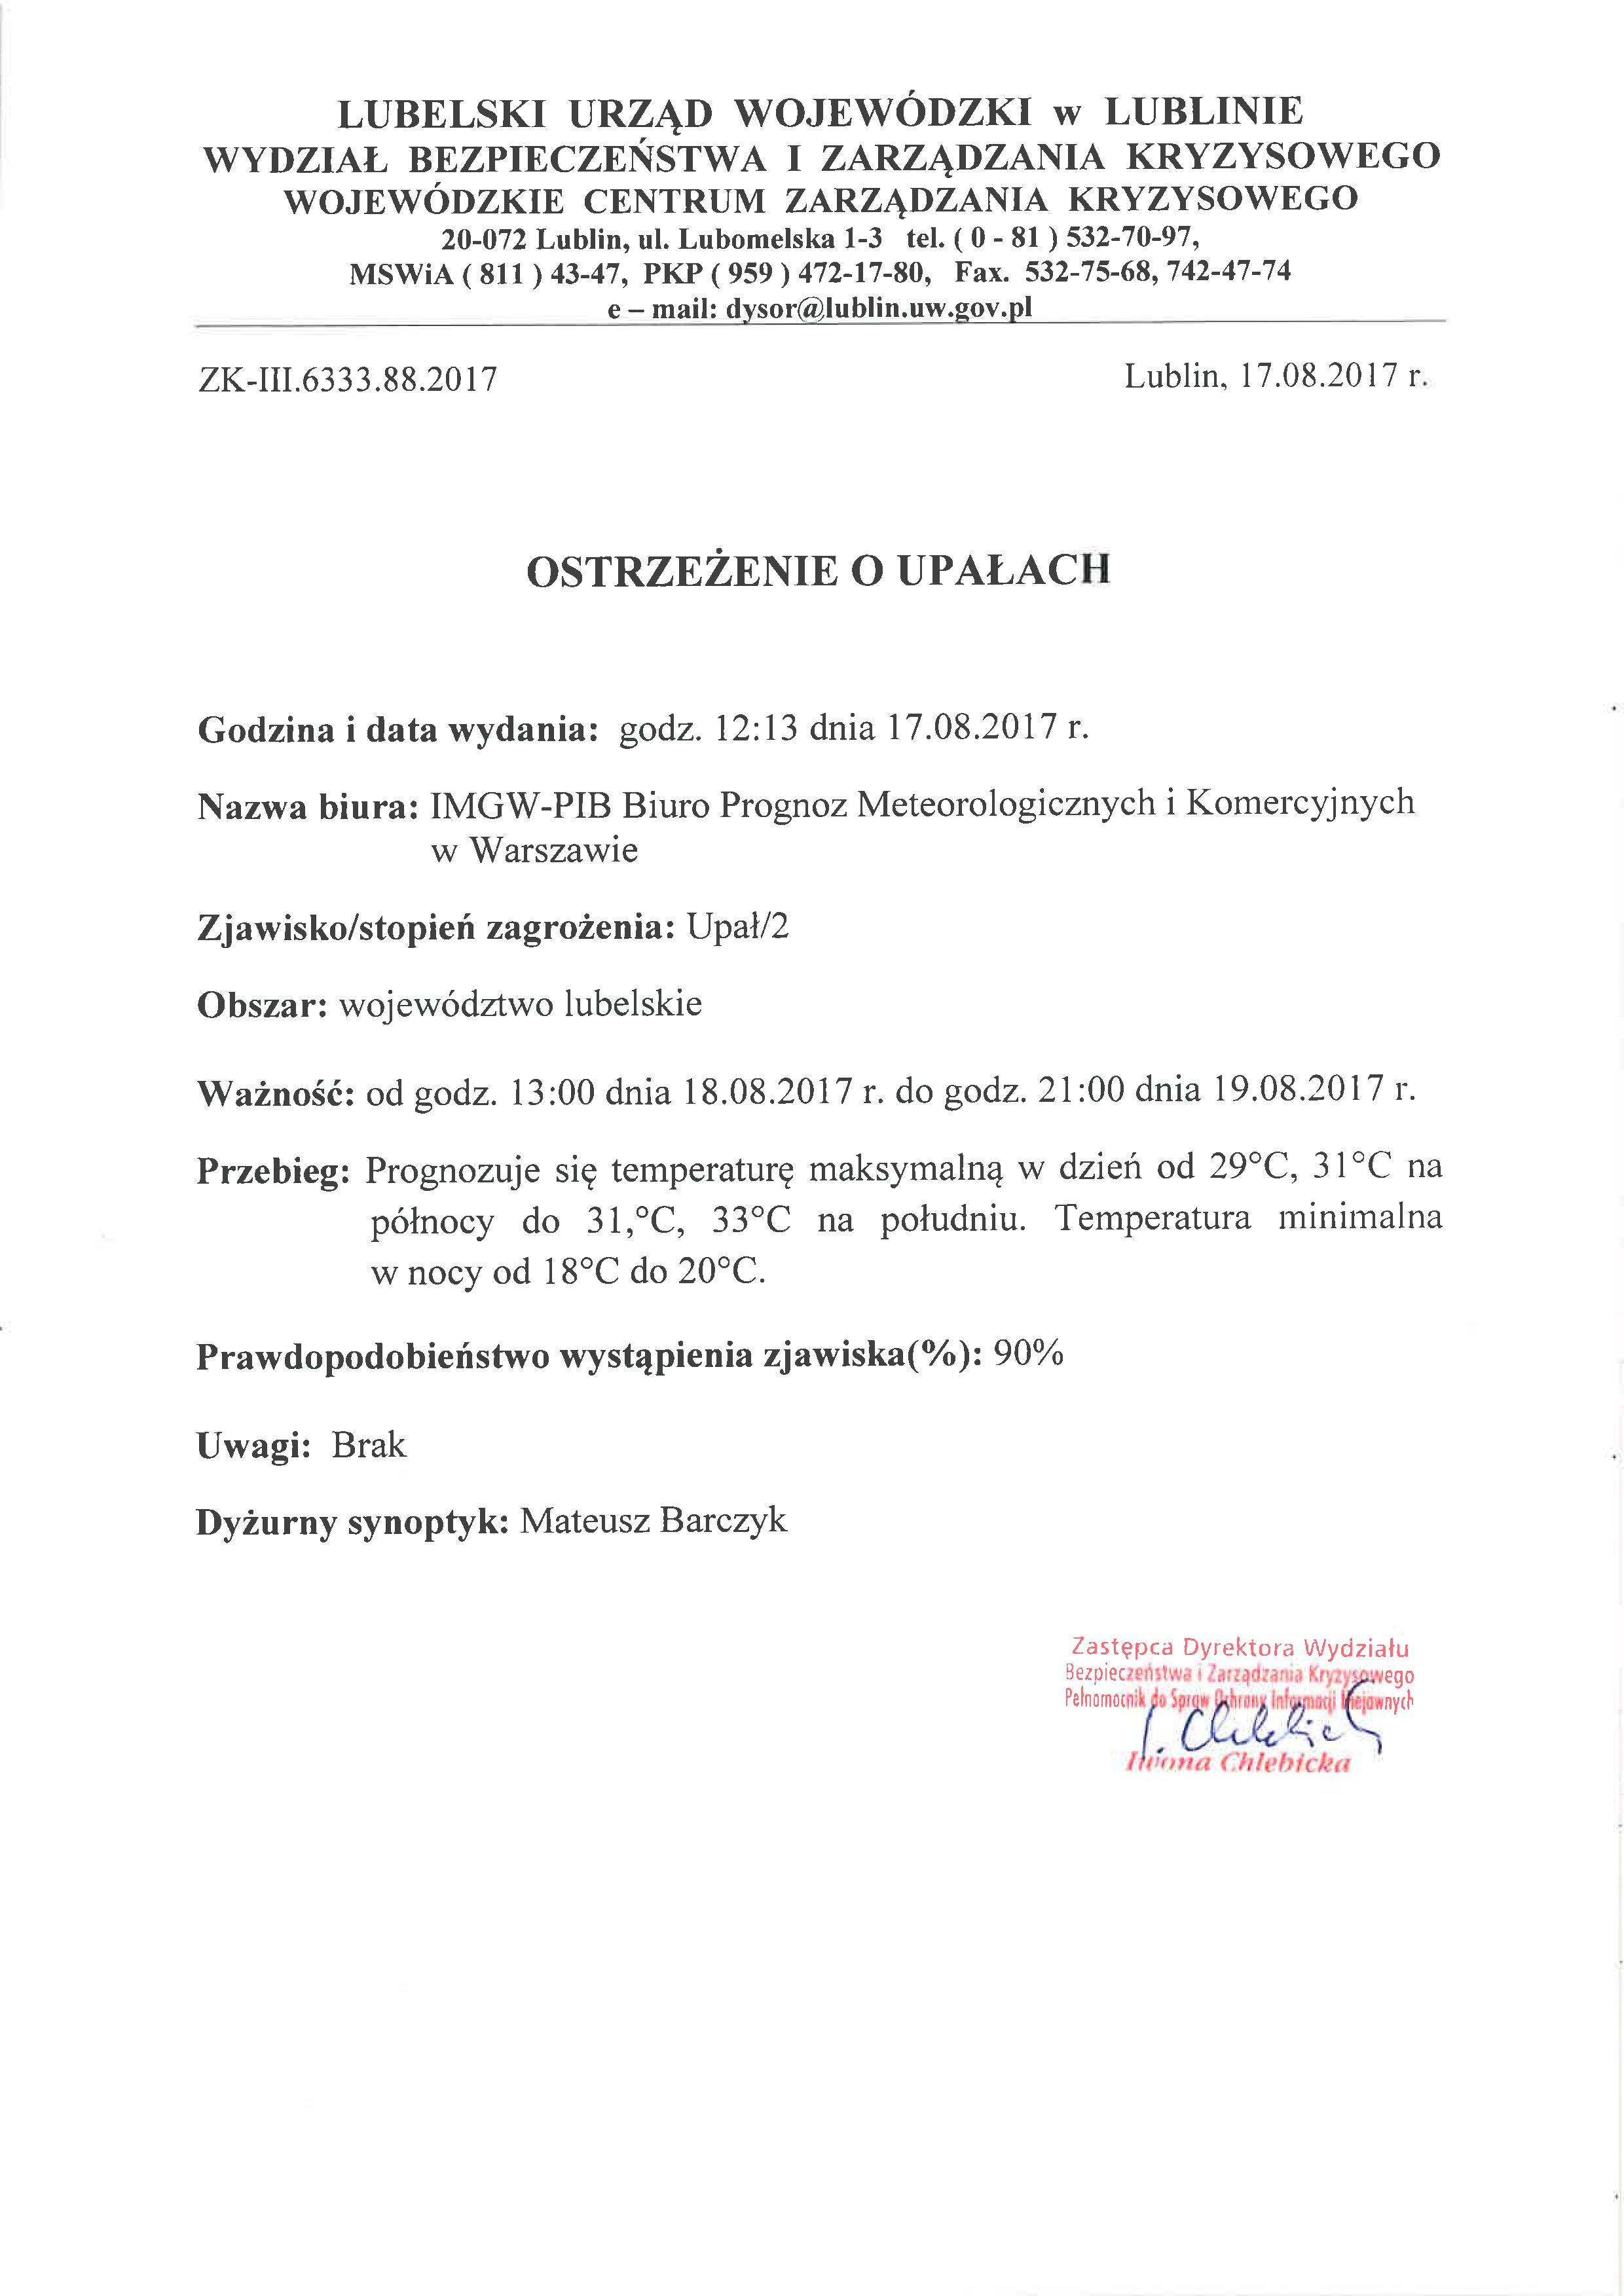 Ostrzeżenie o upałach z dn. 17.08.2017 r.